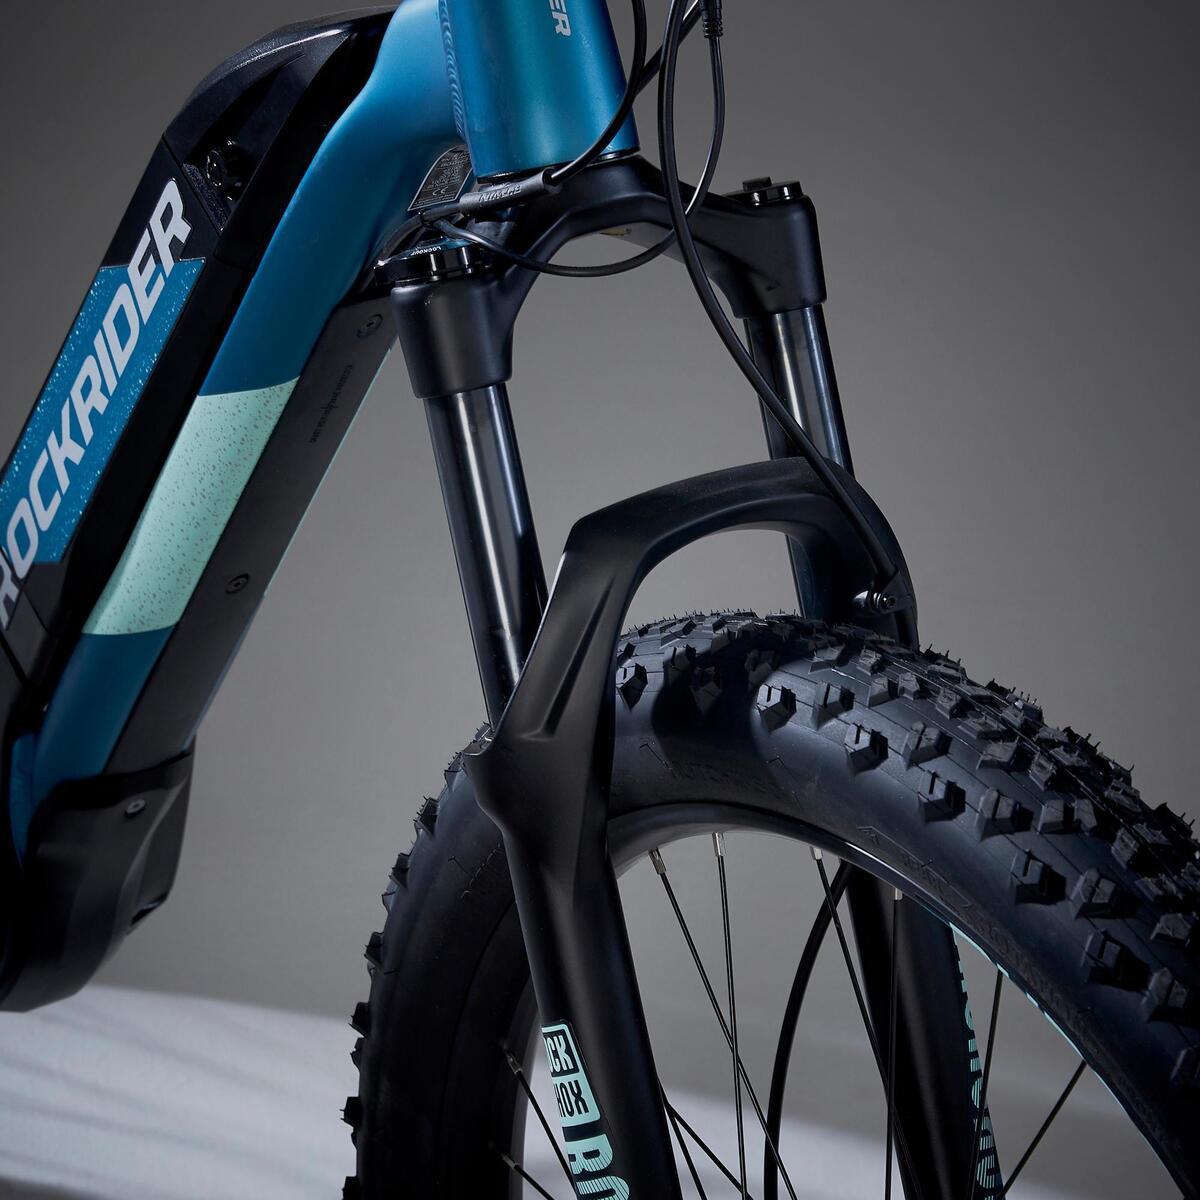 Bild 4 von E-Mountainbike 27,5 Zoll Rockrider E-ST900 Damen türkis